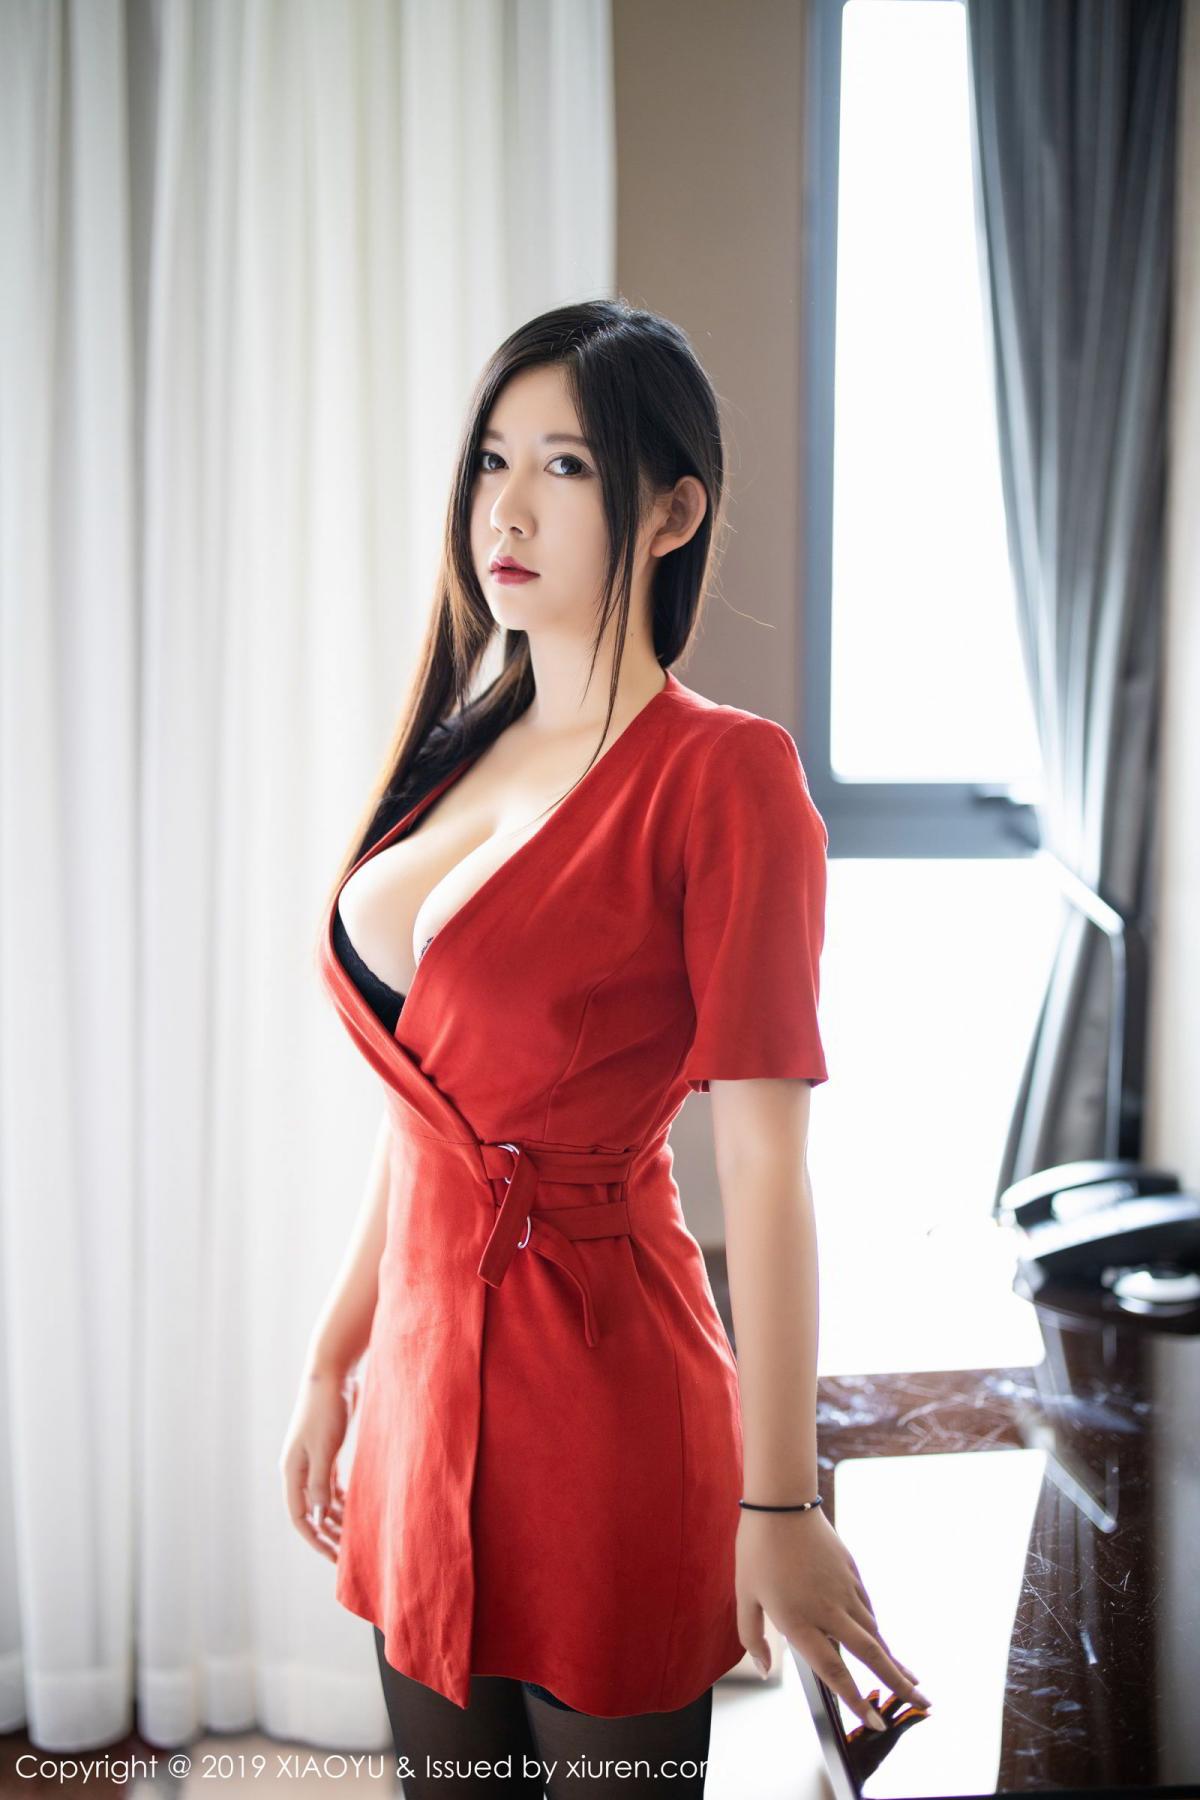 [XiaoYu] Vol.166 Li Ya 2P, Li Ya, Underwear, XiaoYu